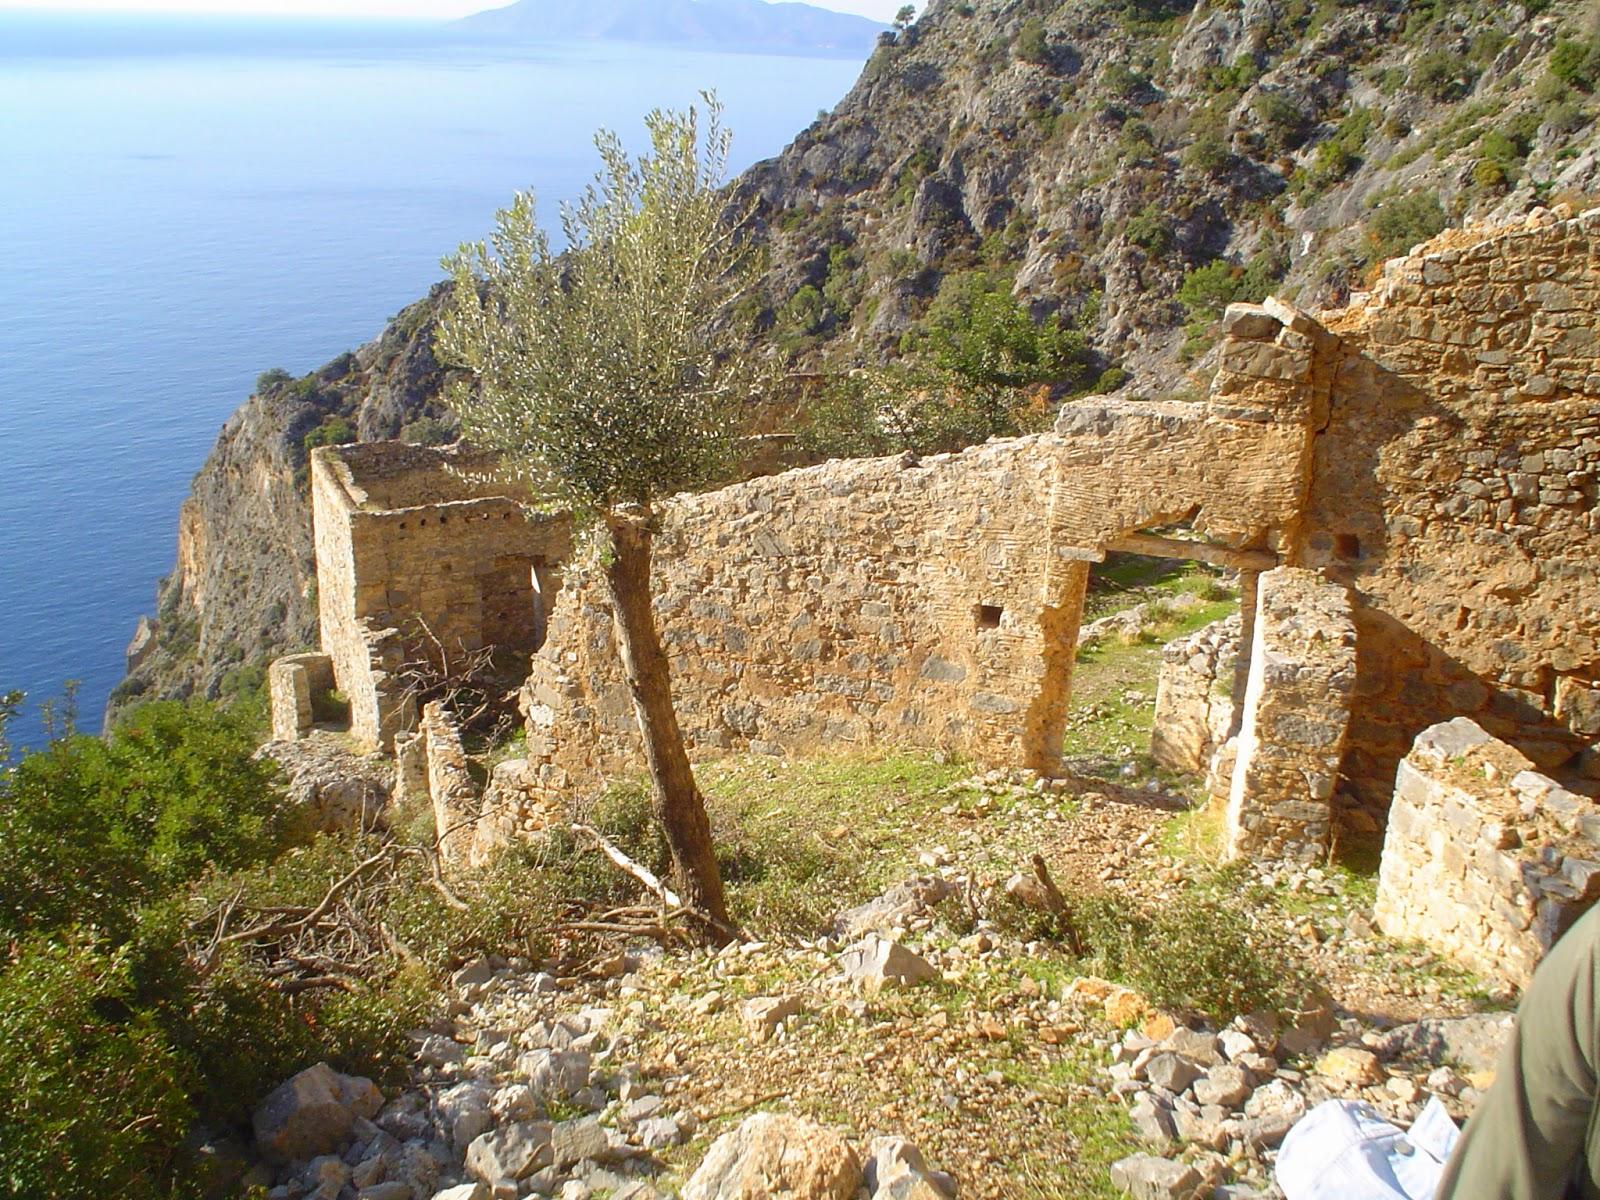 Afkule Manastırı Tatil Gezi Rehberi